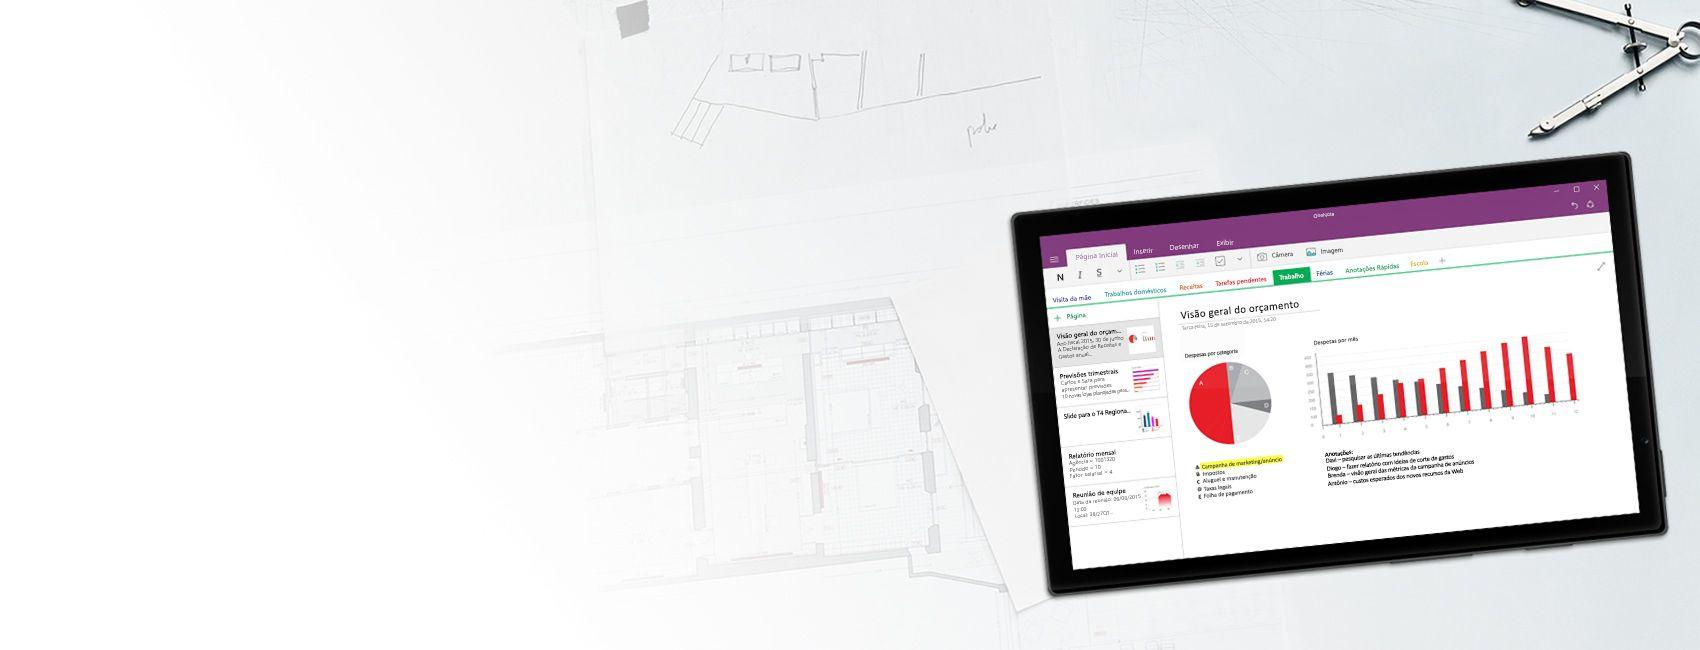 Tablet Windows mostrando um bloco de anotações do OneNote com gráficos de visão geral do orçamento